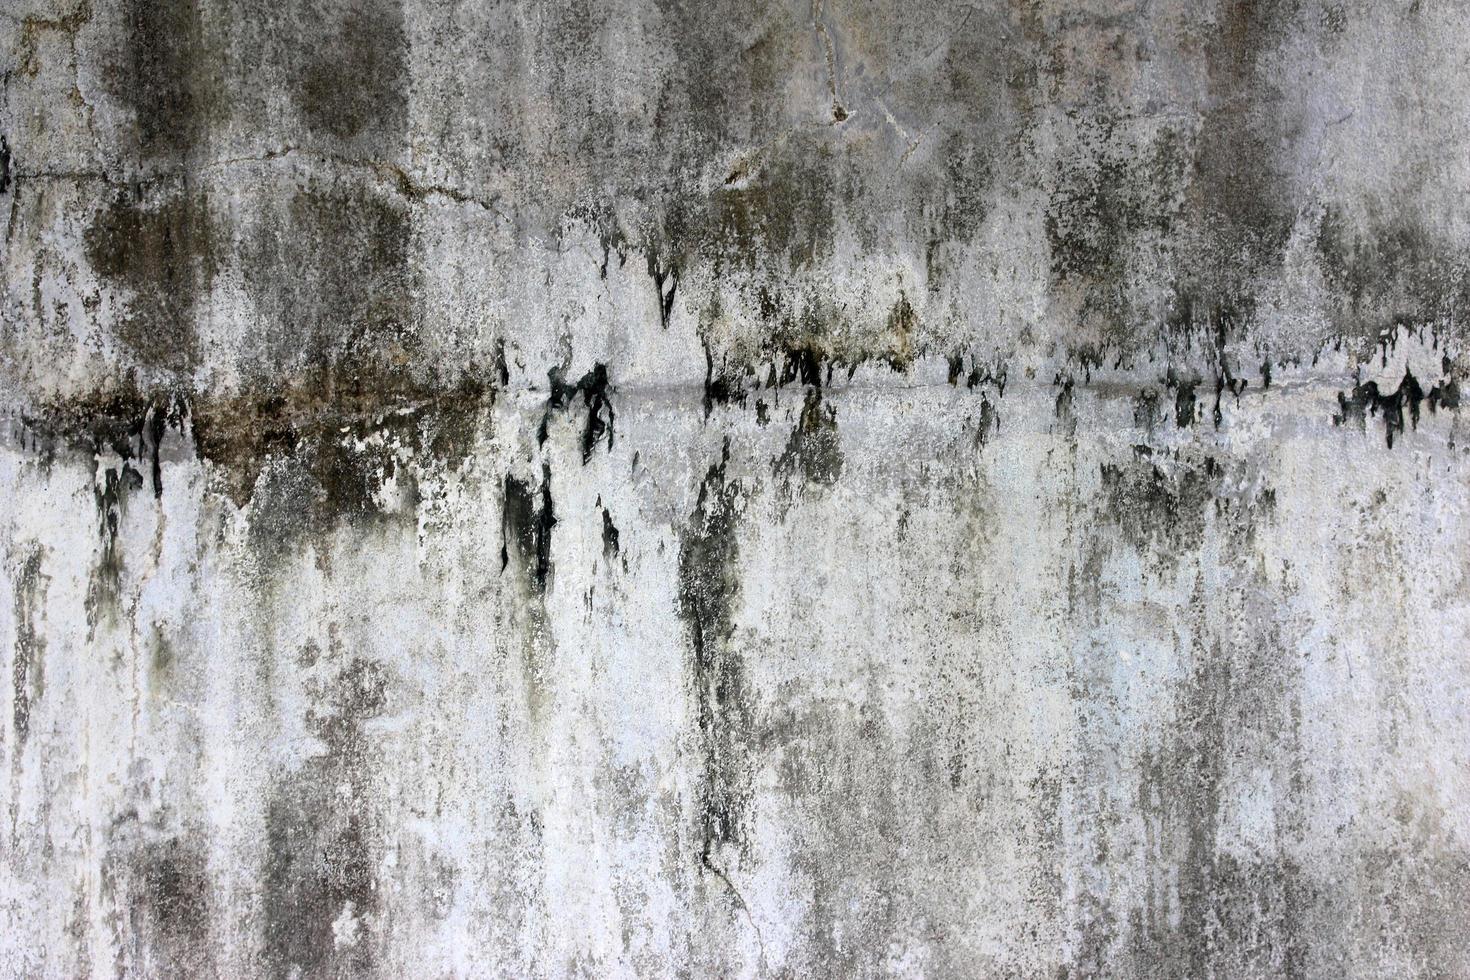 kiesige Betonwand foto